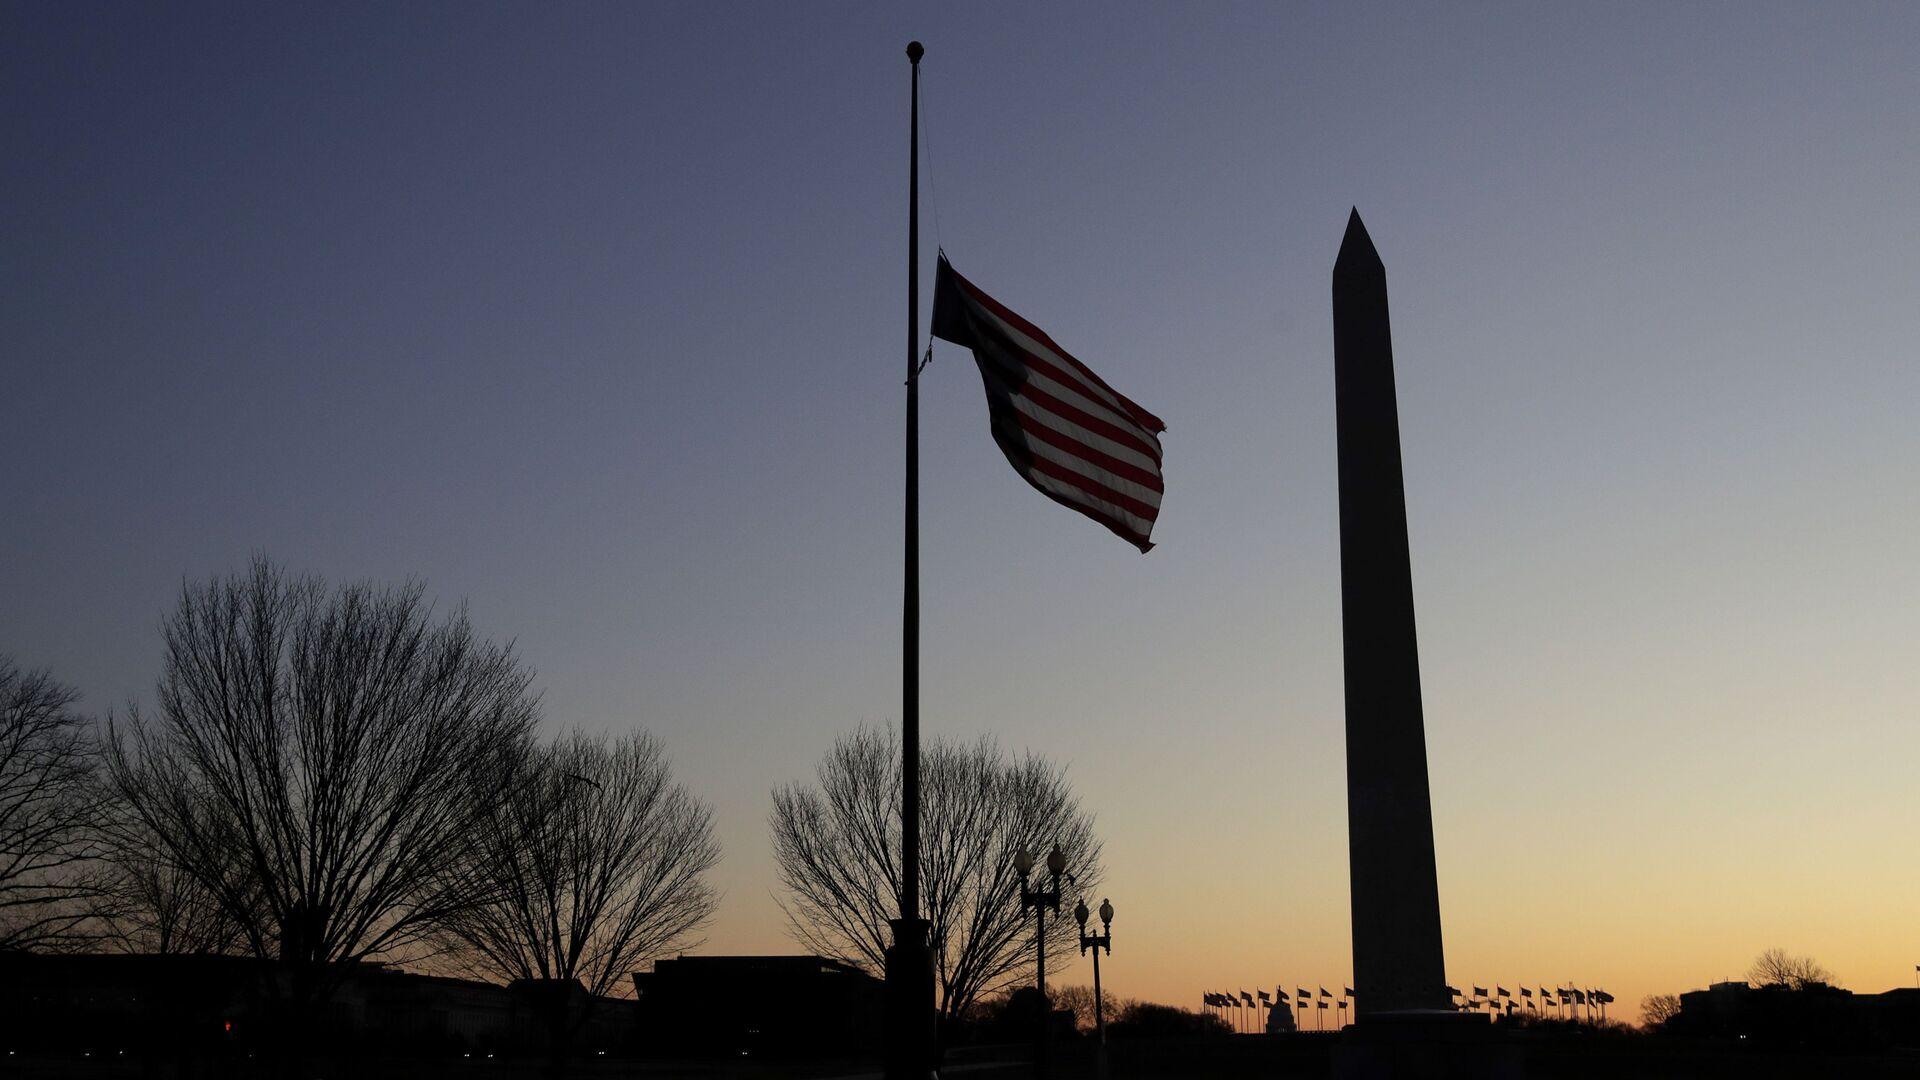 La bandera de EEUU y el Memorial de la Segunda Guerra Mundial en Washington - Sputnik Mundo, 1920, 06.04.2021